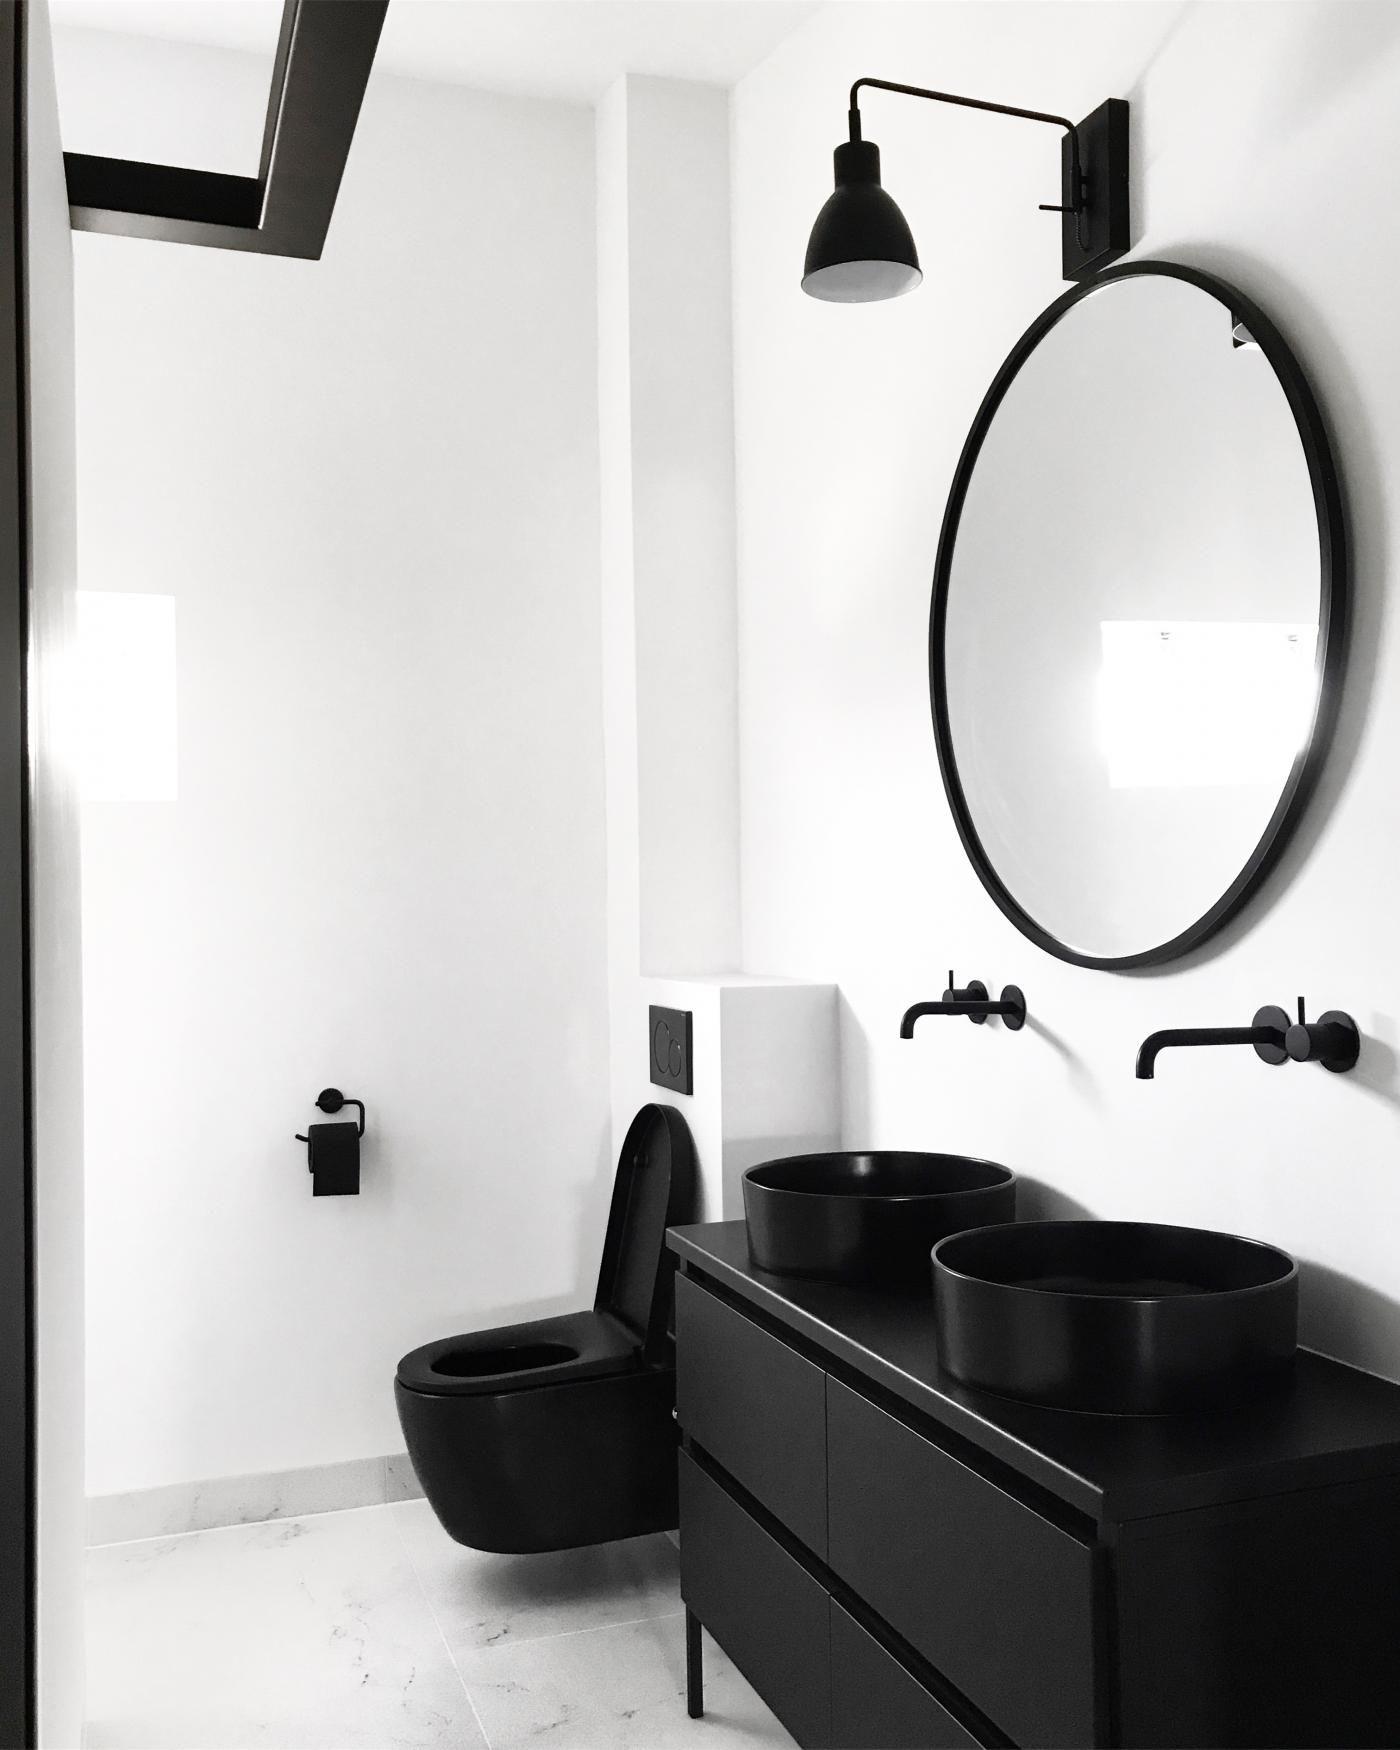 Baño de estilo moderno.